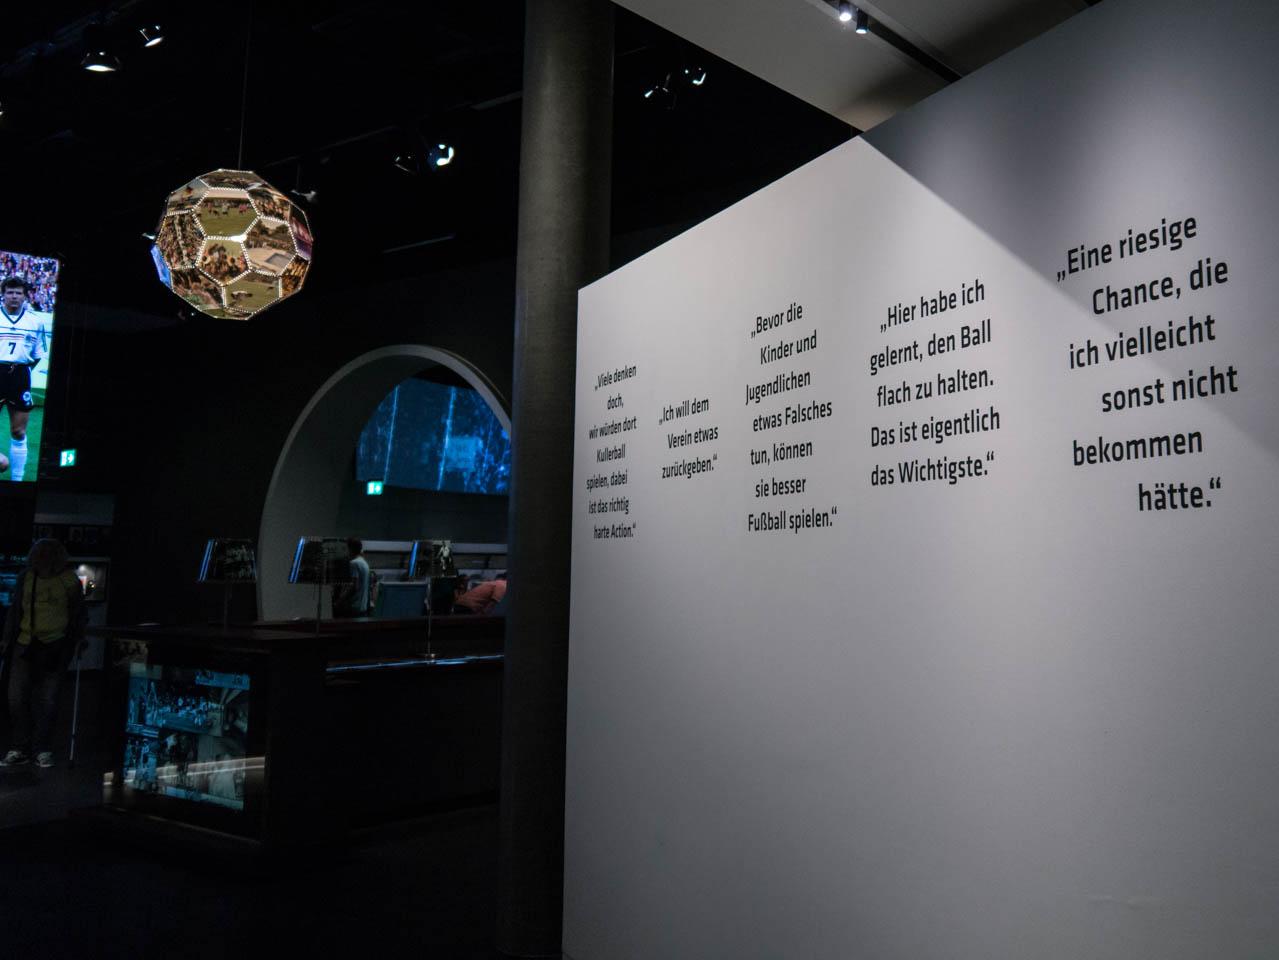 Zitate zieren die Wände (1 von 1)